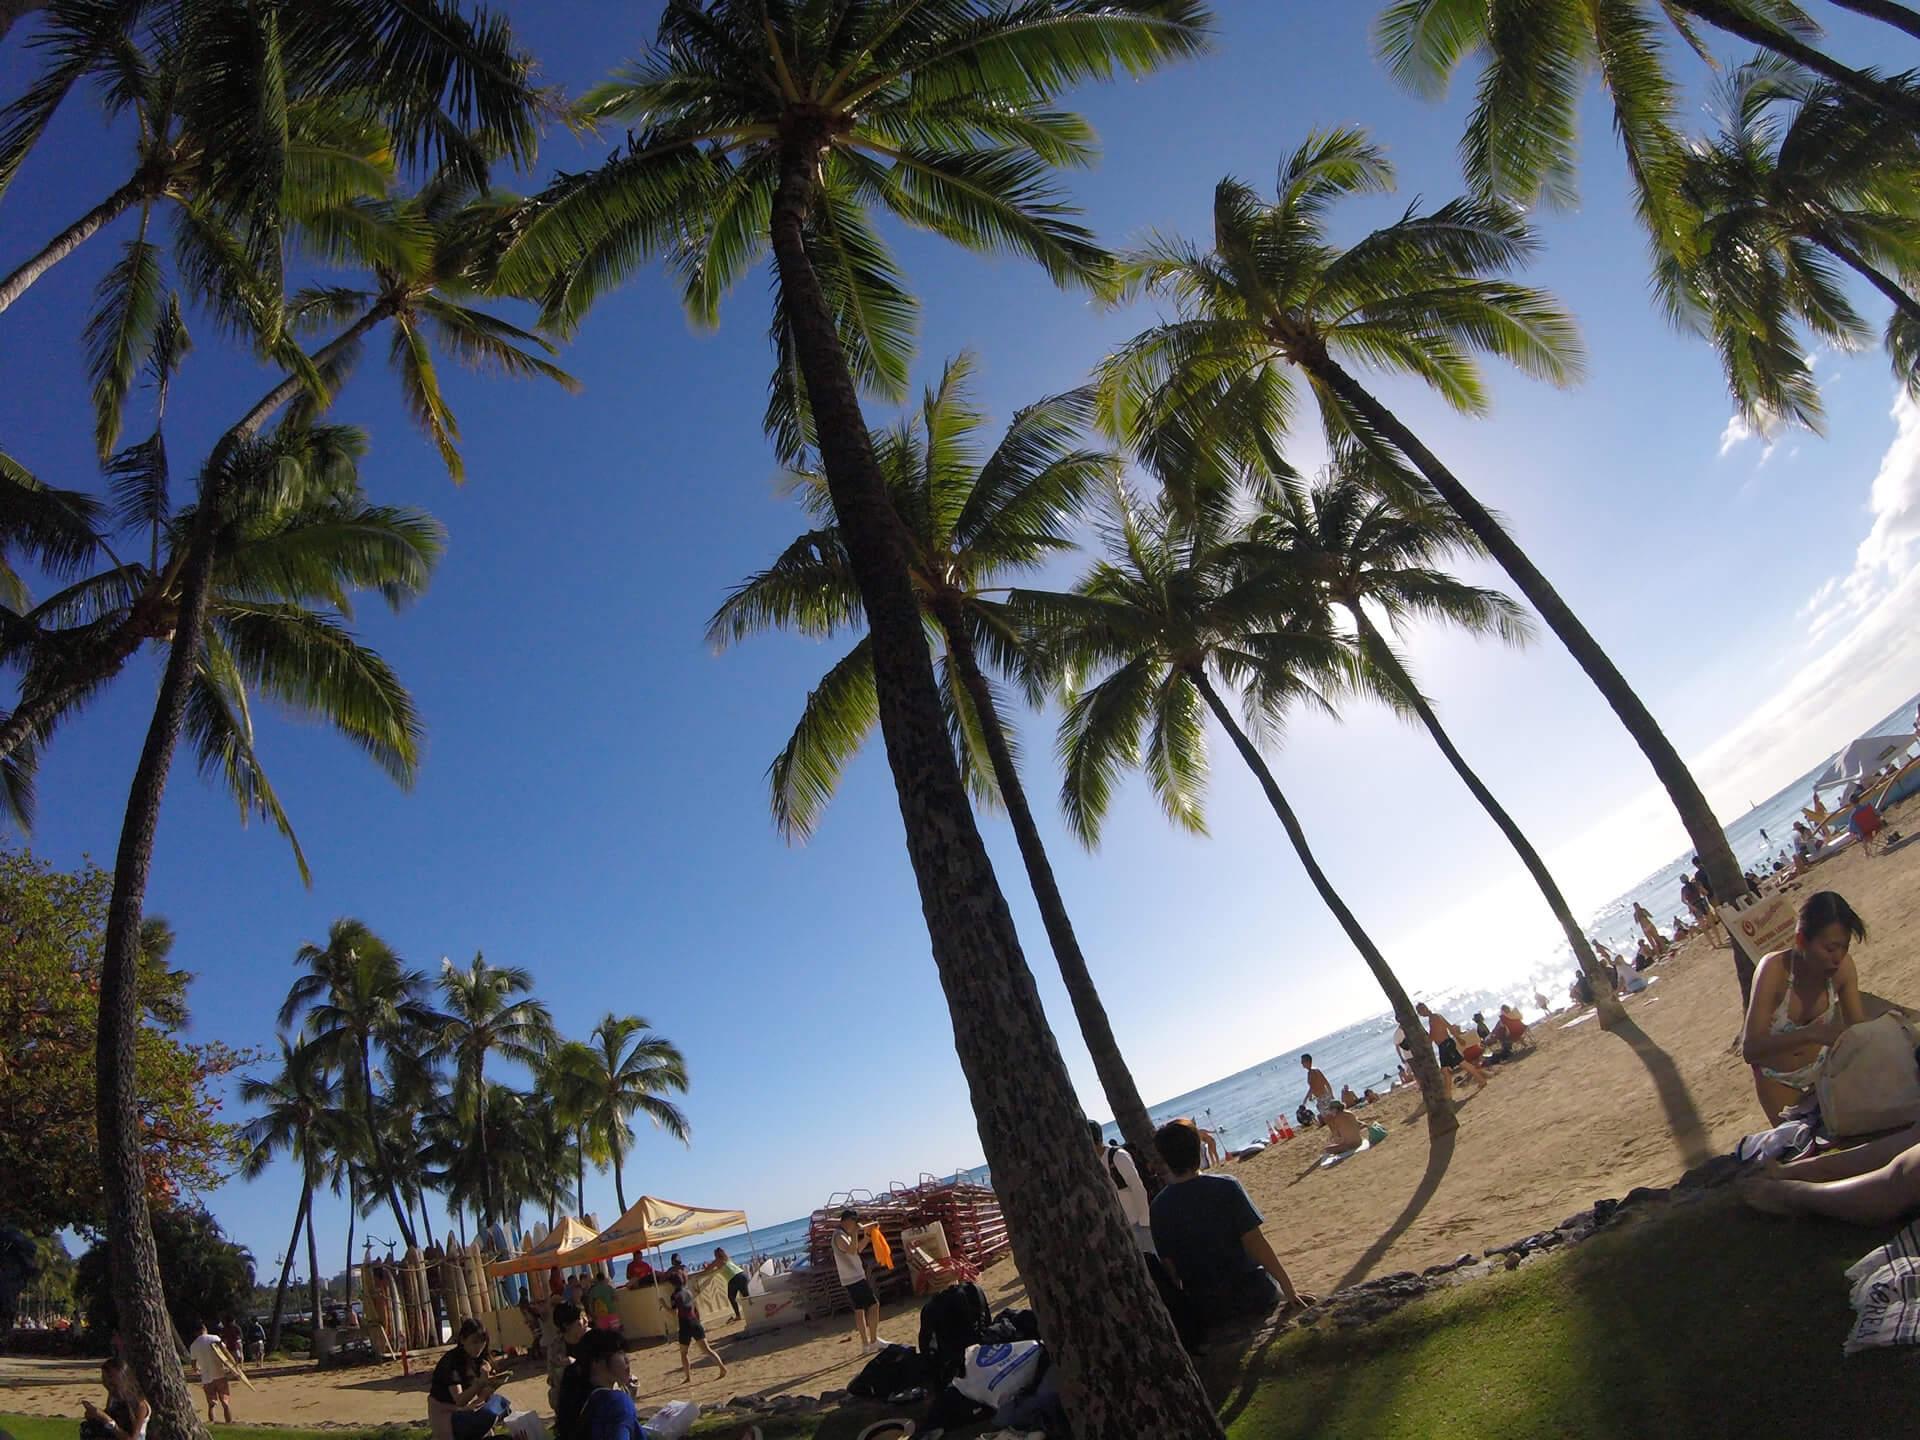 猿人の展示会出展への道~ブース担当ナオミのハワイにかける熱い思い~